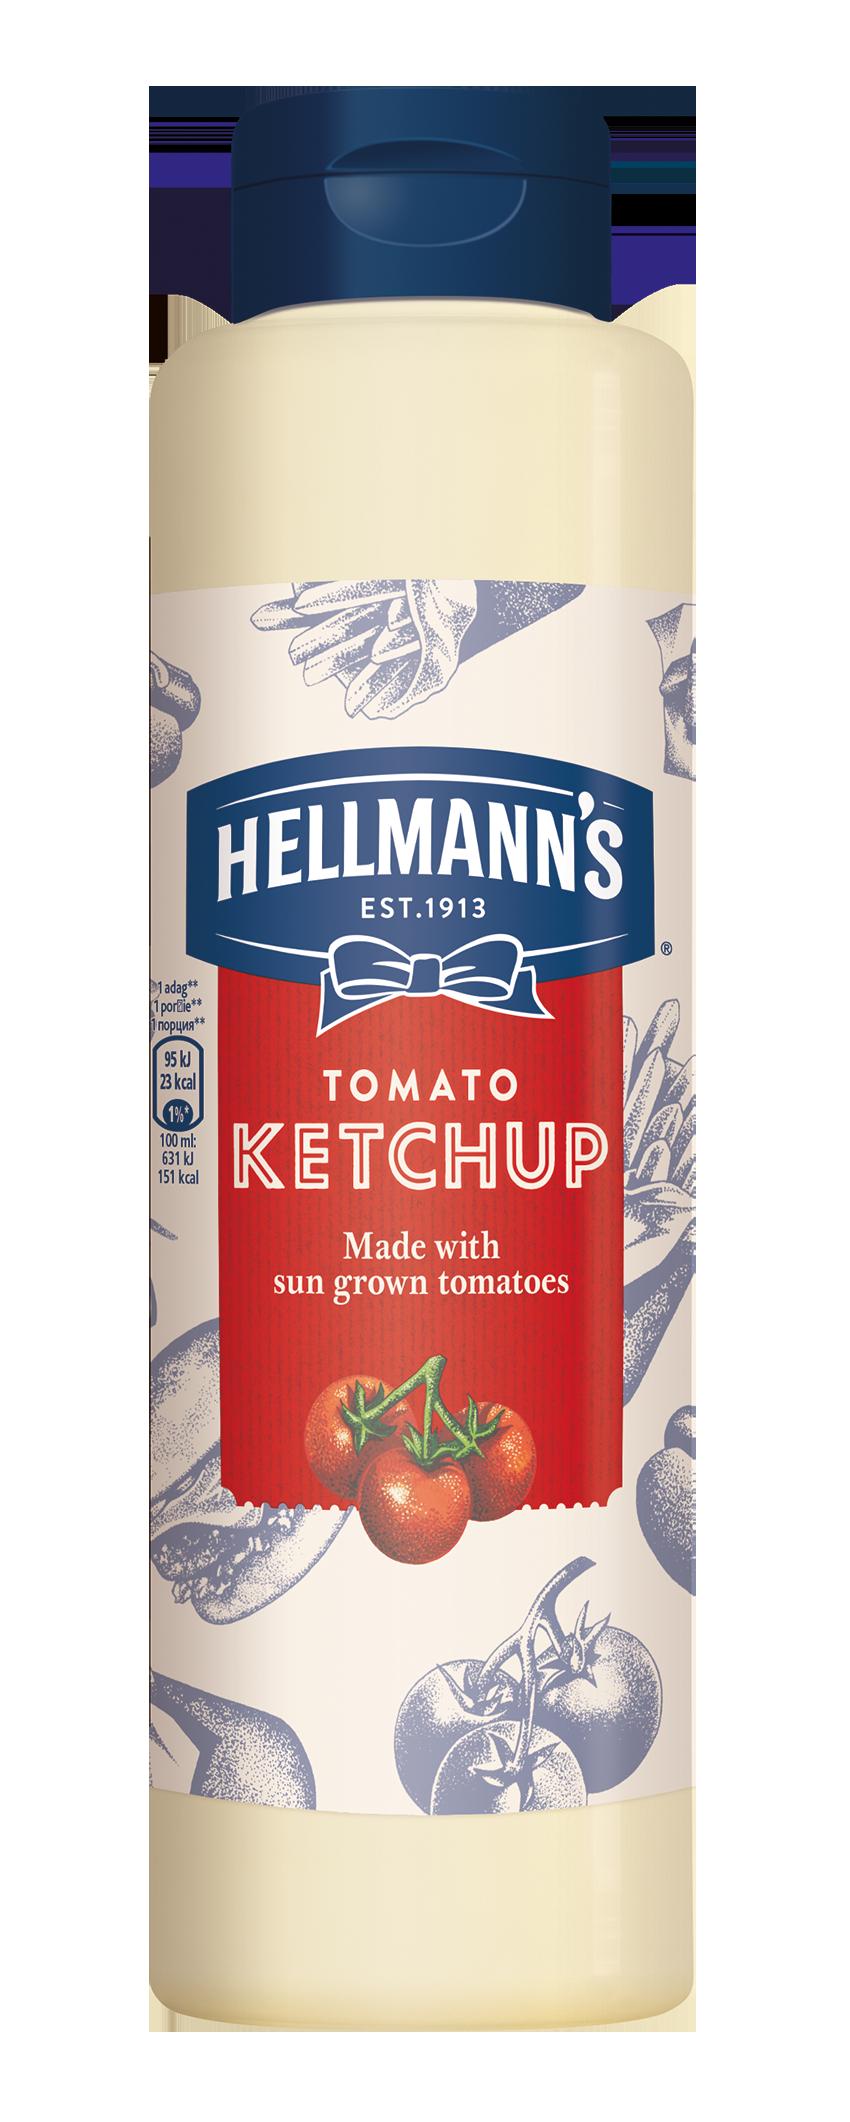 Hellmann's Ketchup 856 ml - Pokažite kvalitetu svojim gostima